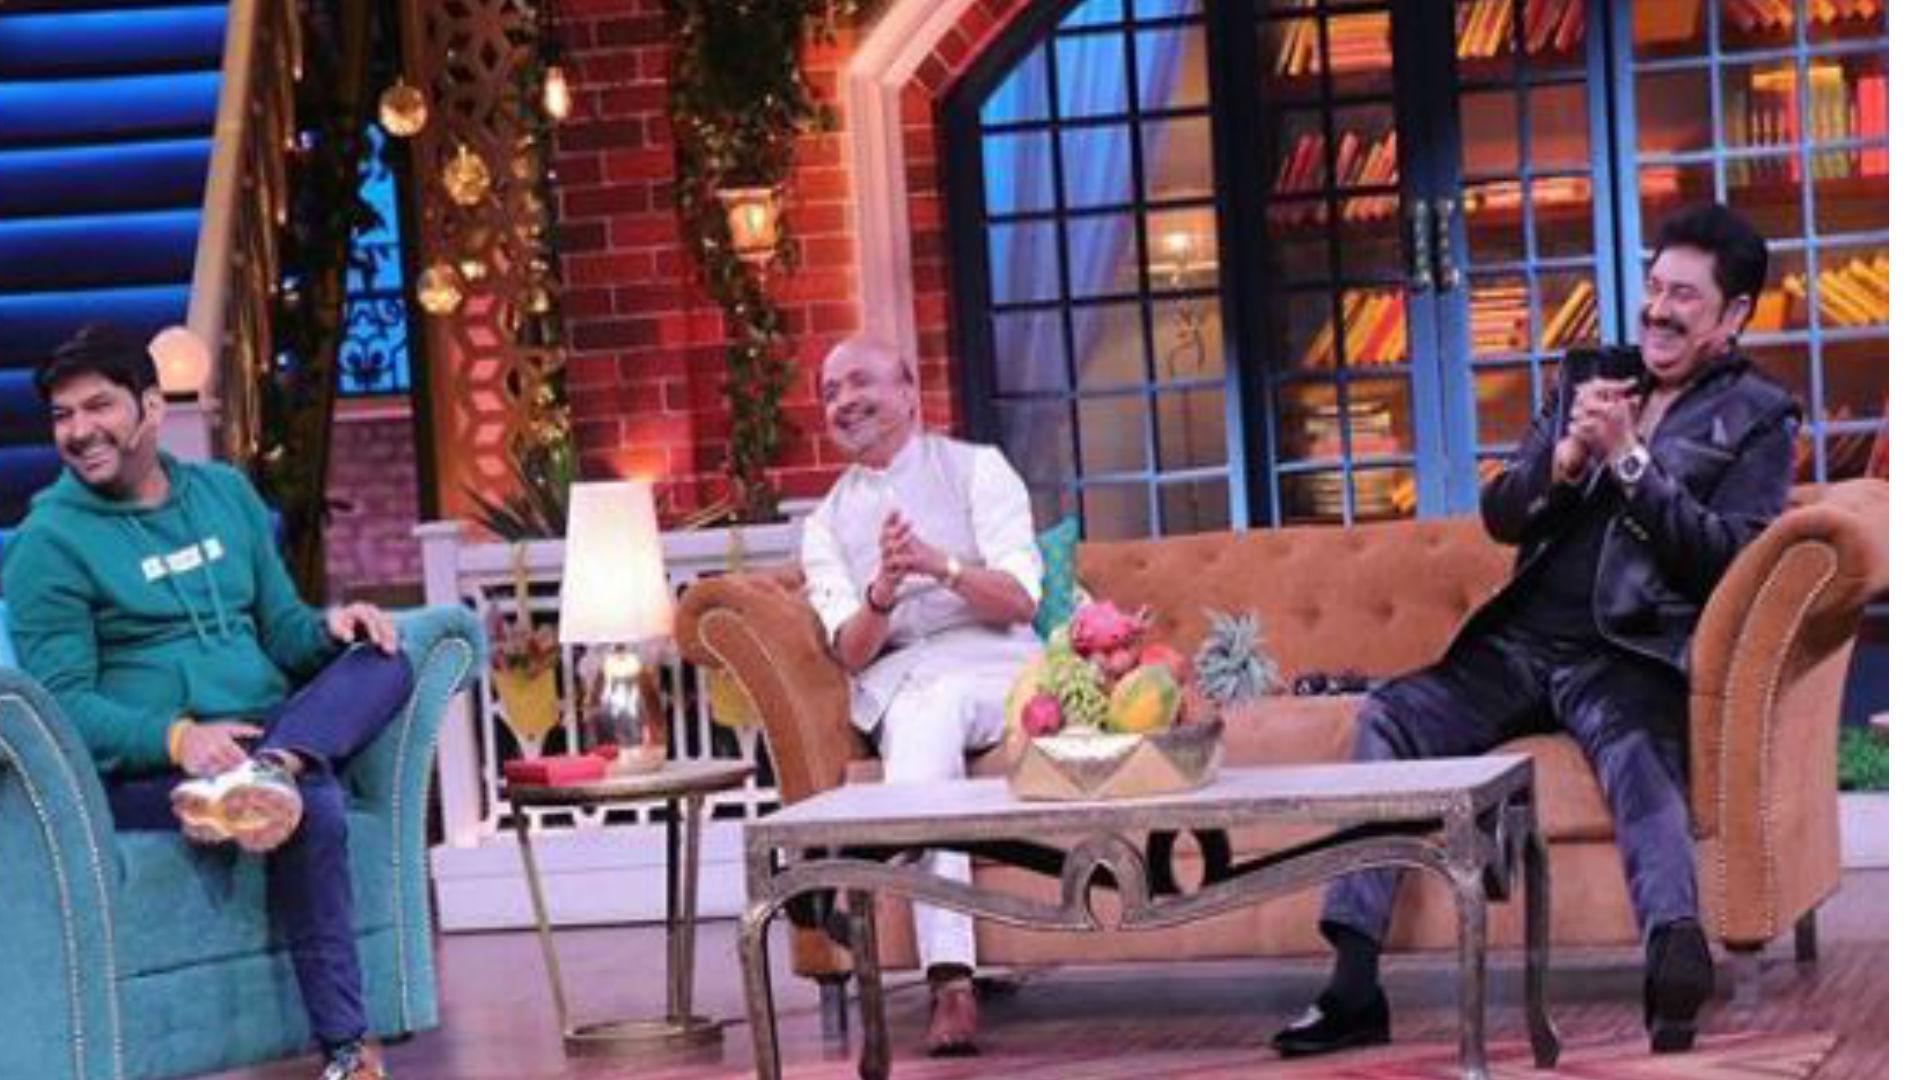 The Kapil Sharma Show: कुमार सानू का खुलासा, पहली बार माफिया गैंग के सामने लाइव परफॉर्मेंस देने पर पड़ी थी मार